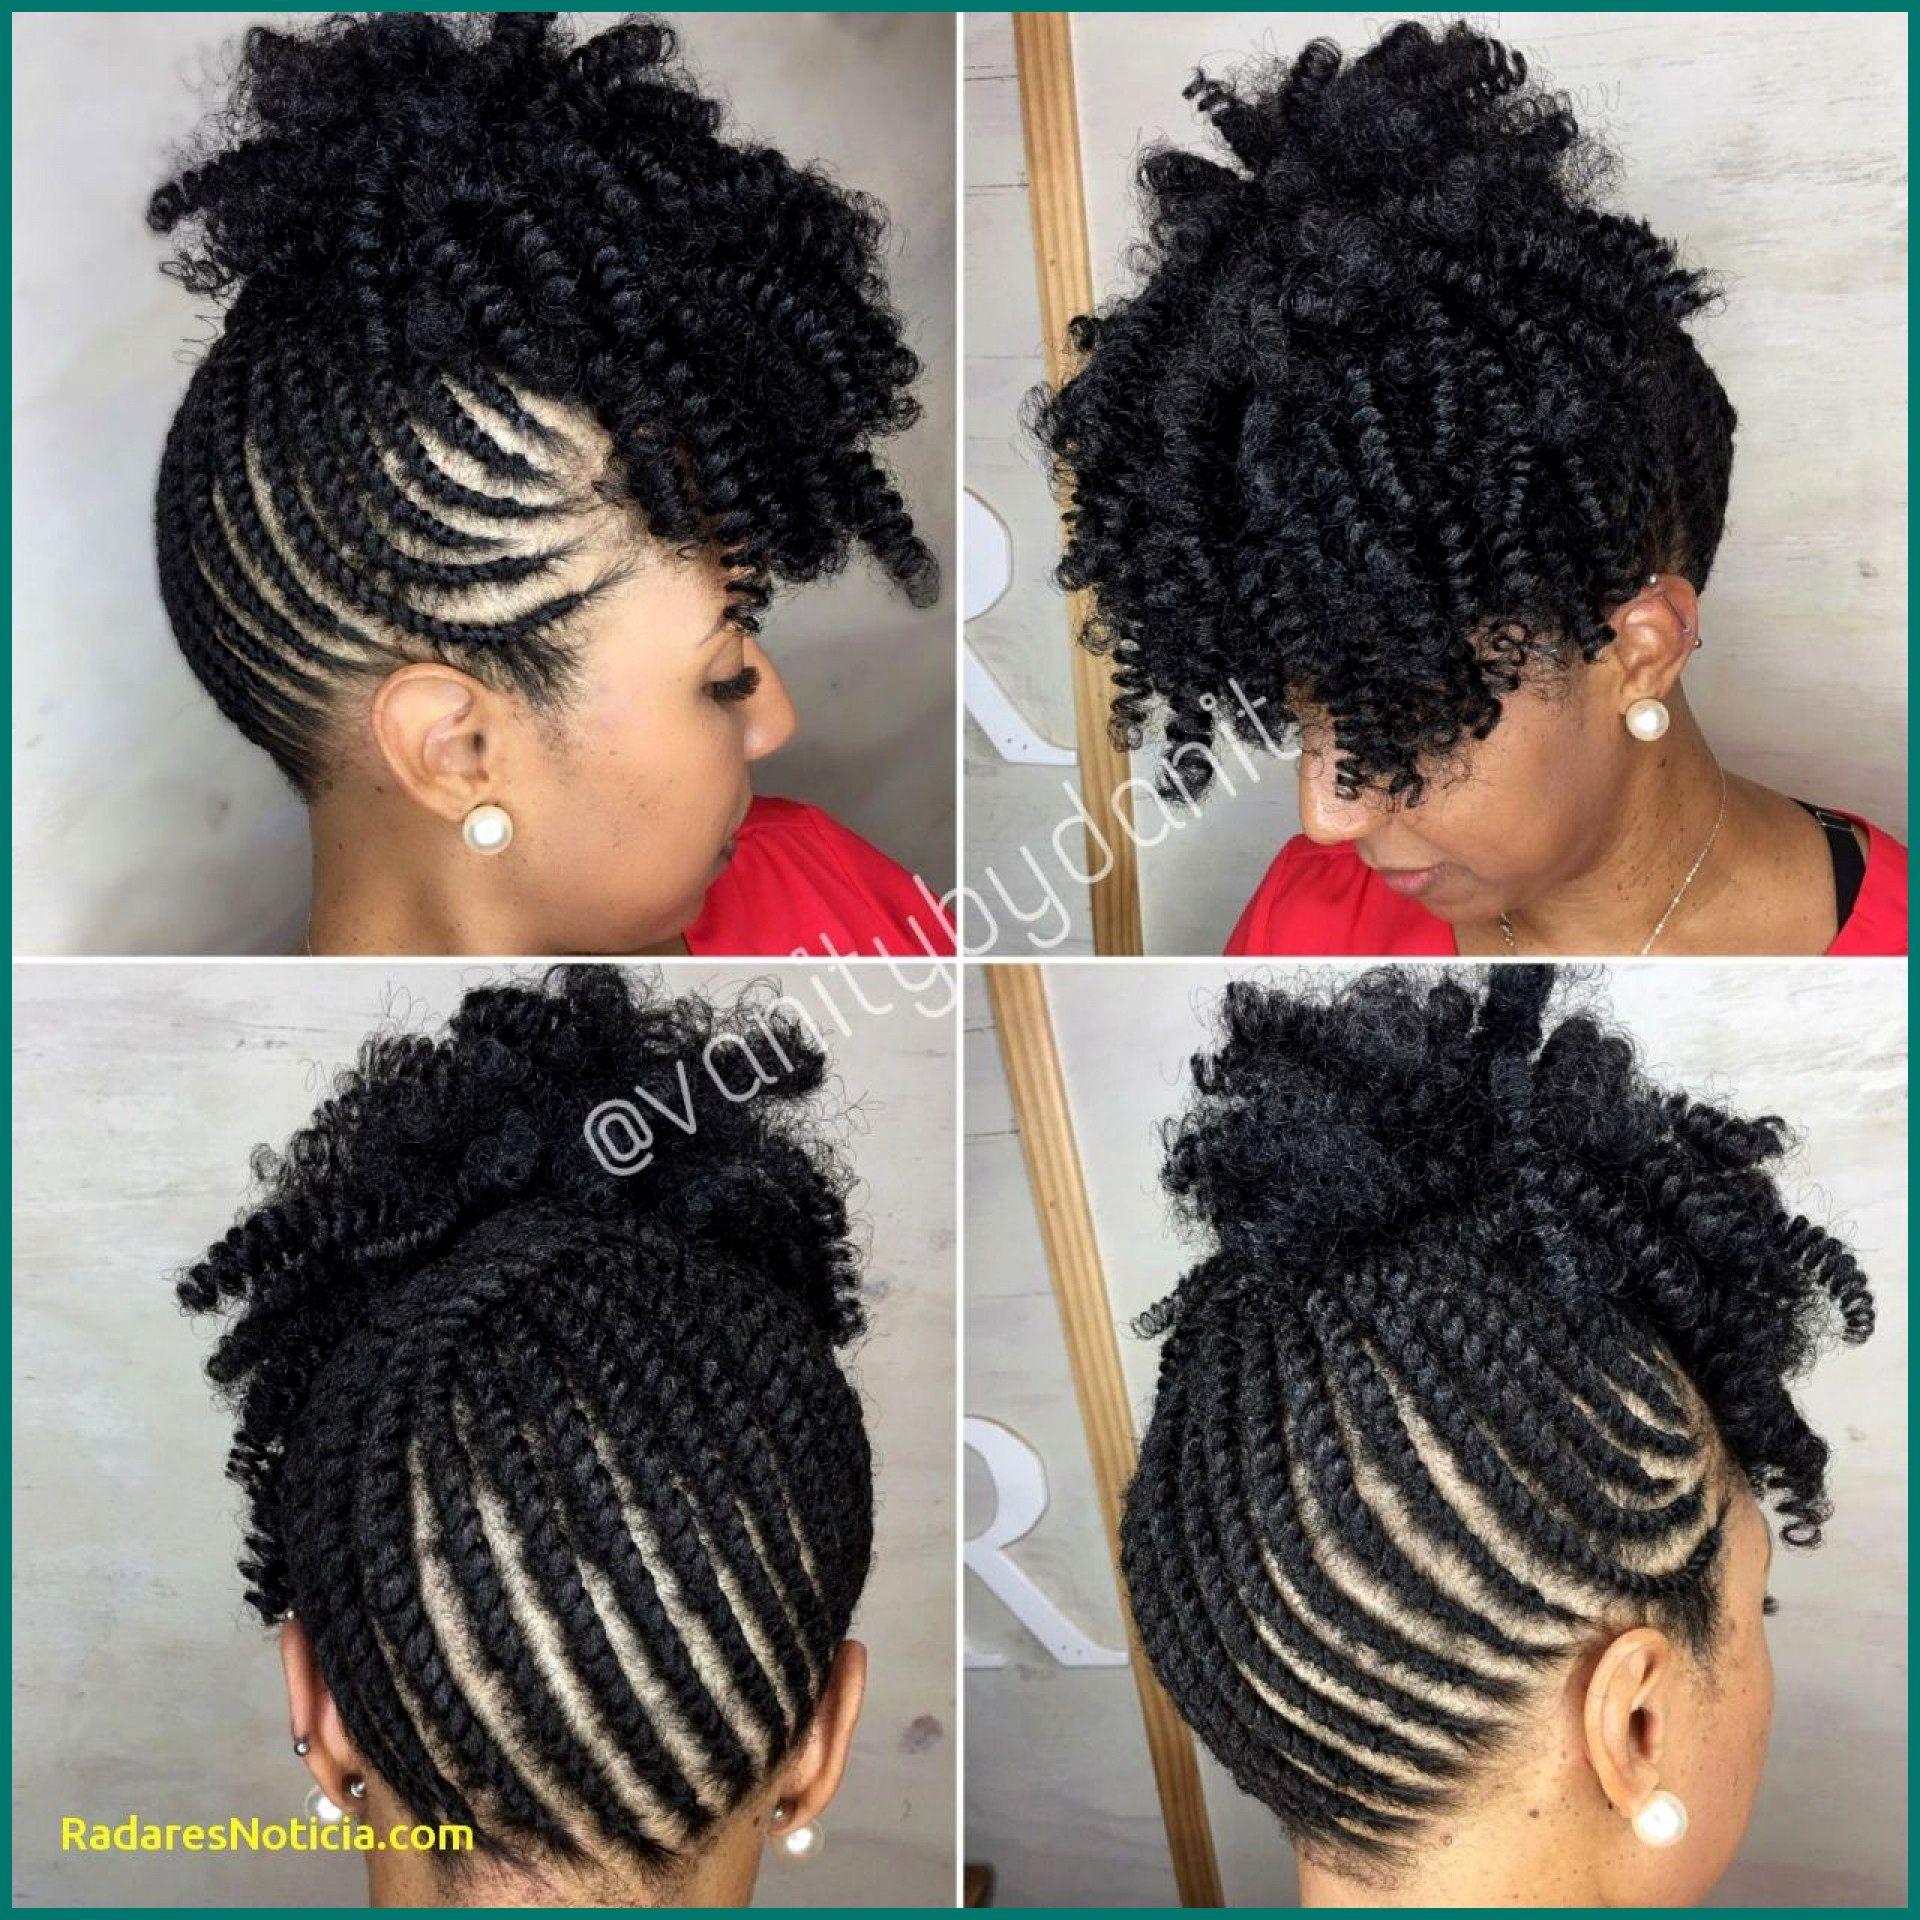 Natural Braided Updo Hairstyles Natural Hair Updo Natural Updo Hairstyles Hair Twist Styles Braided Updo Black Hair Braided Mohawk Hairstyles